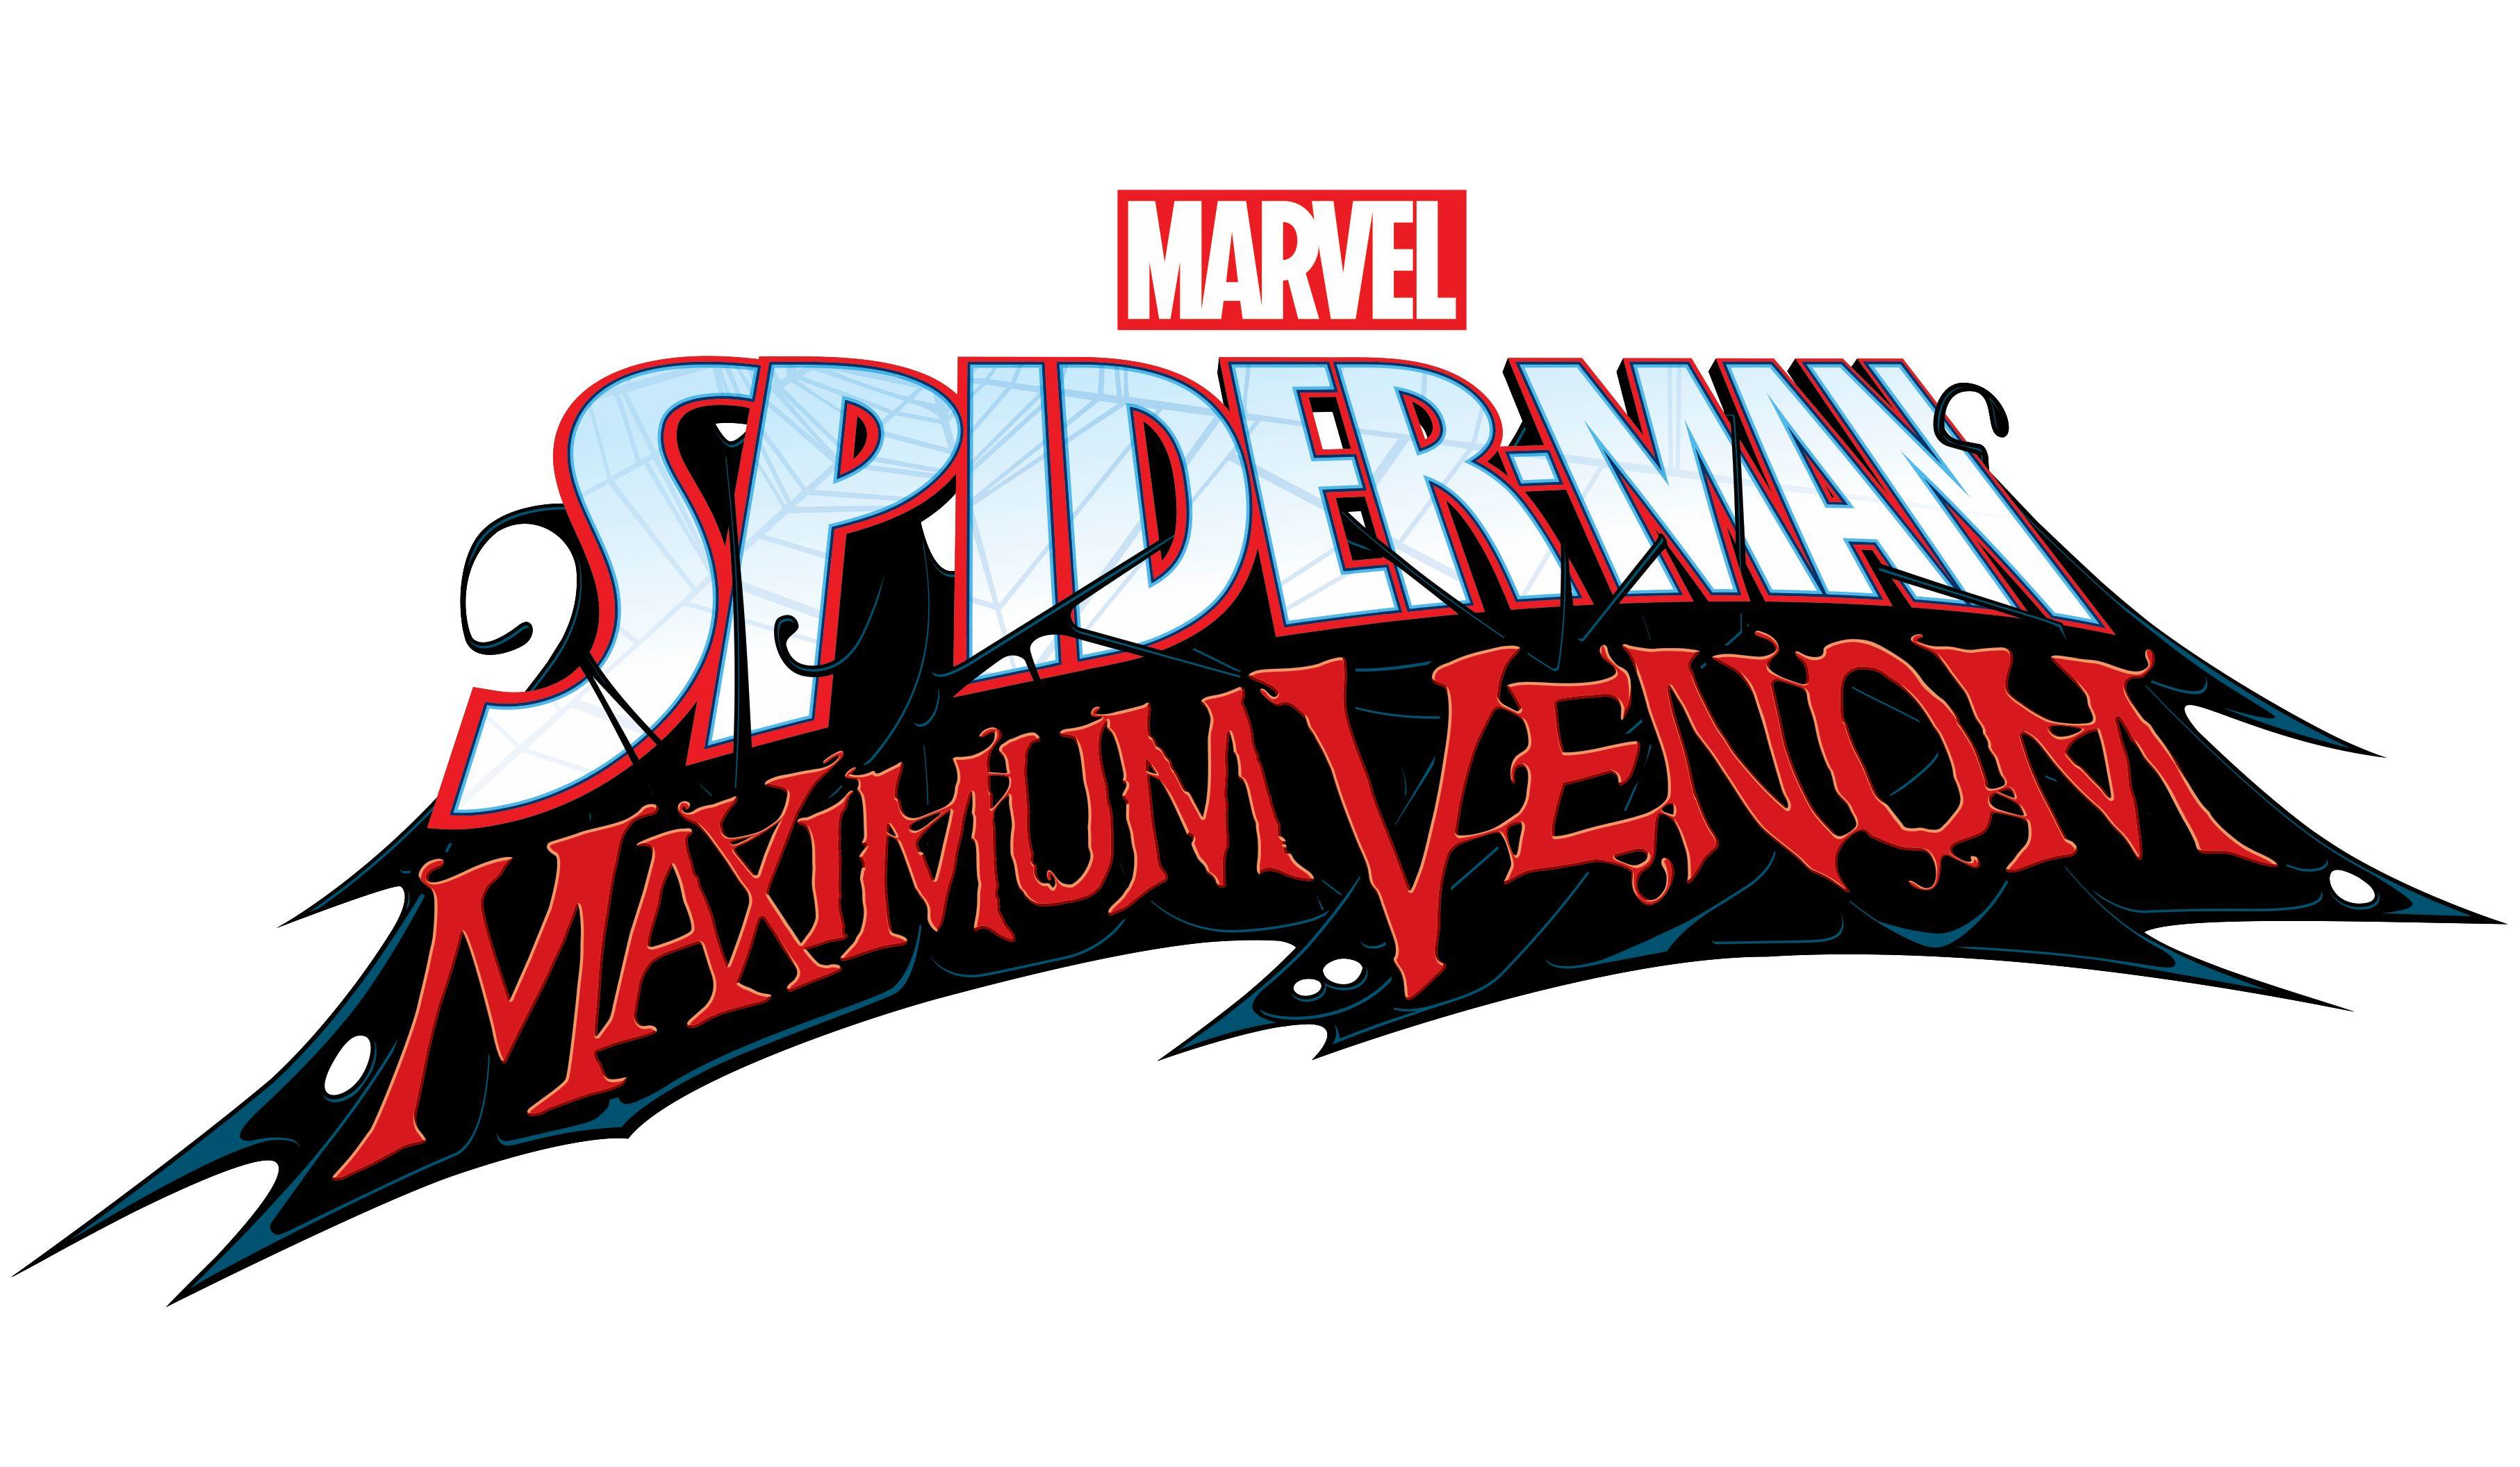 Spider-Man Season 3 to Feature Maximum Venom Premiering